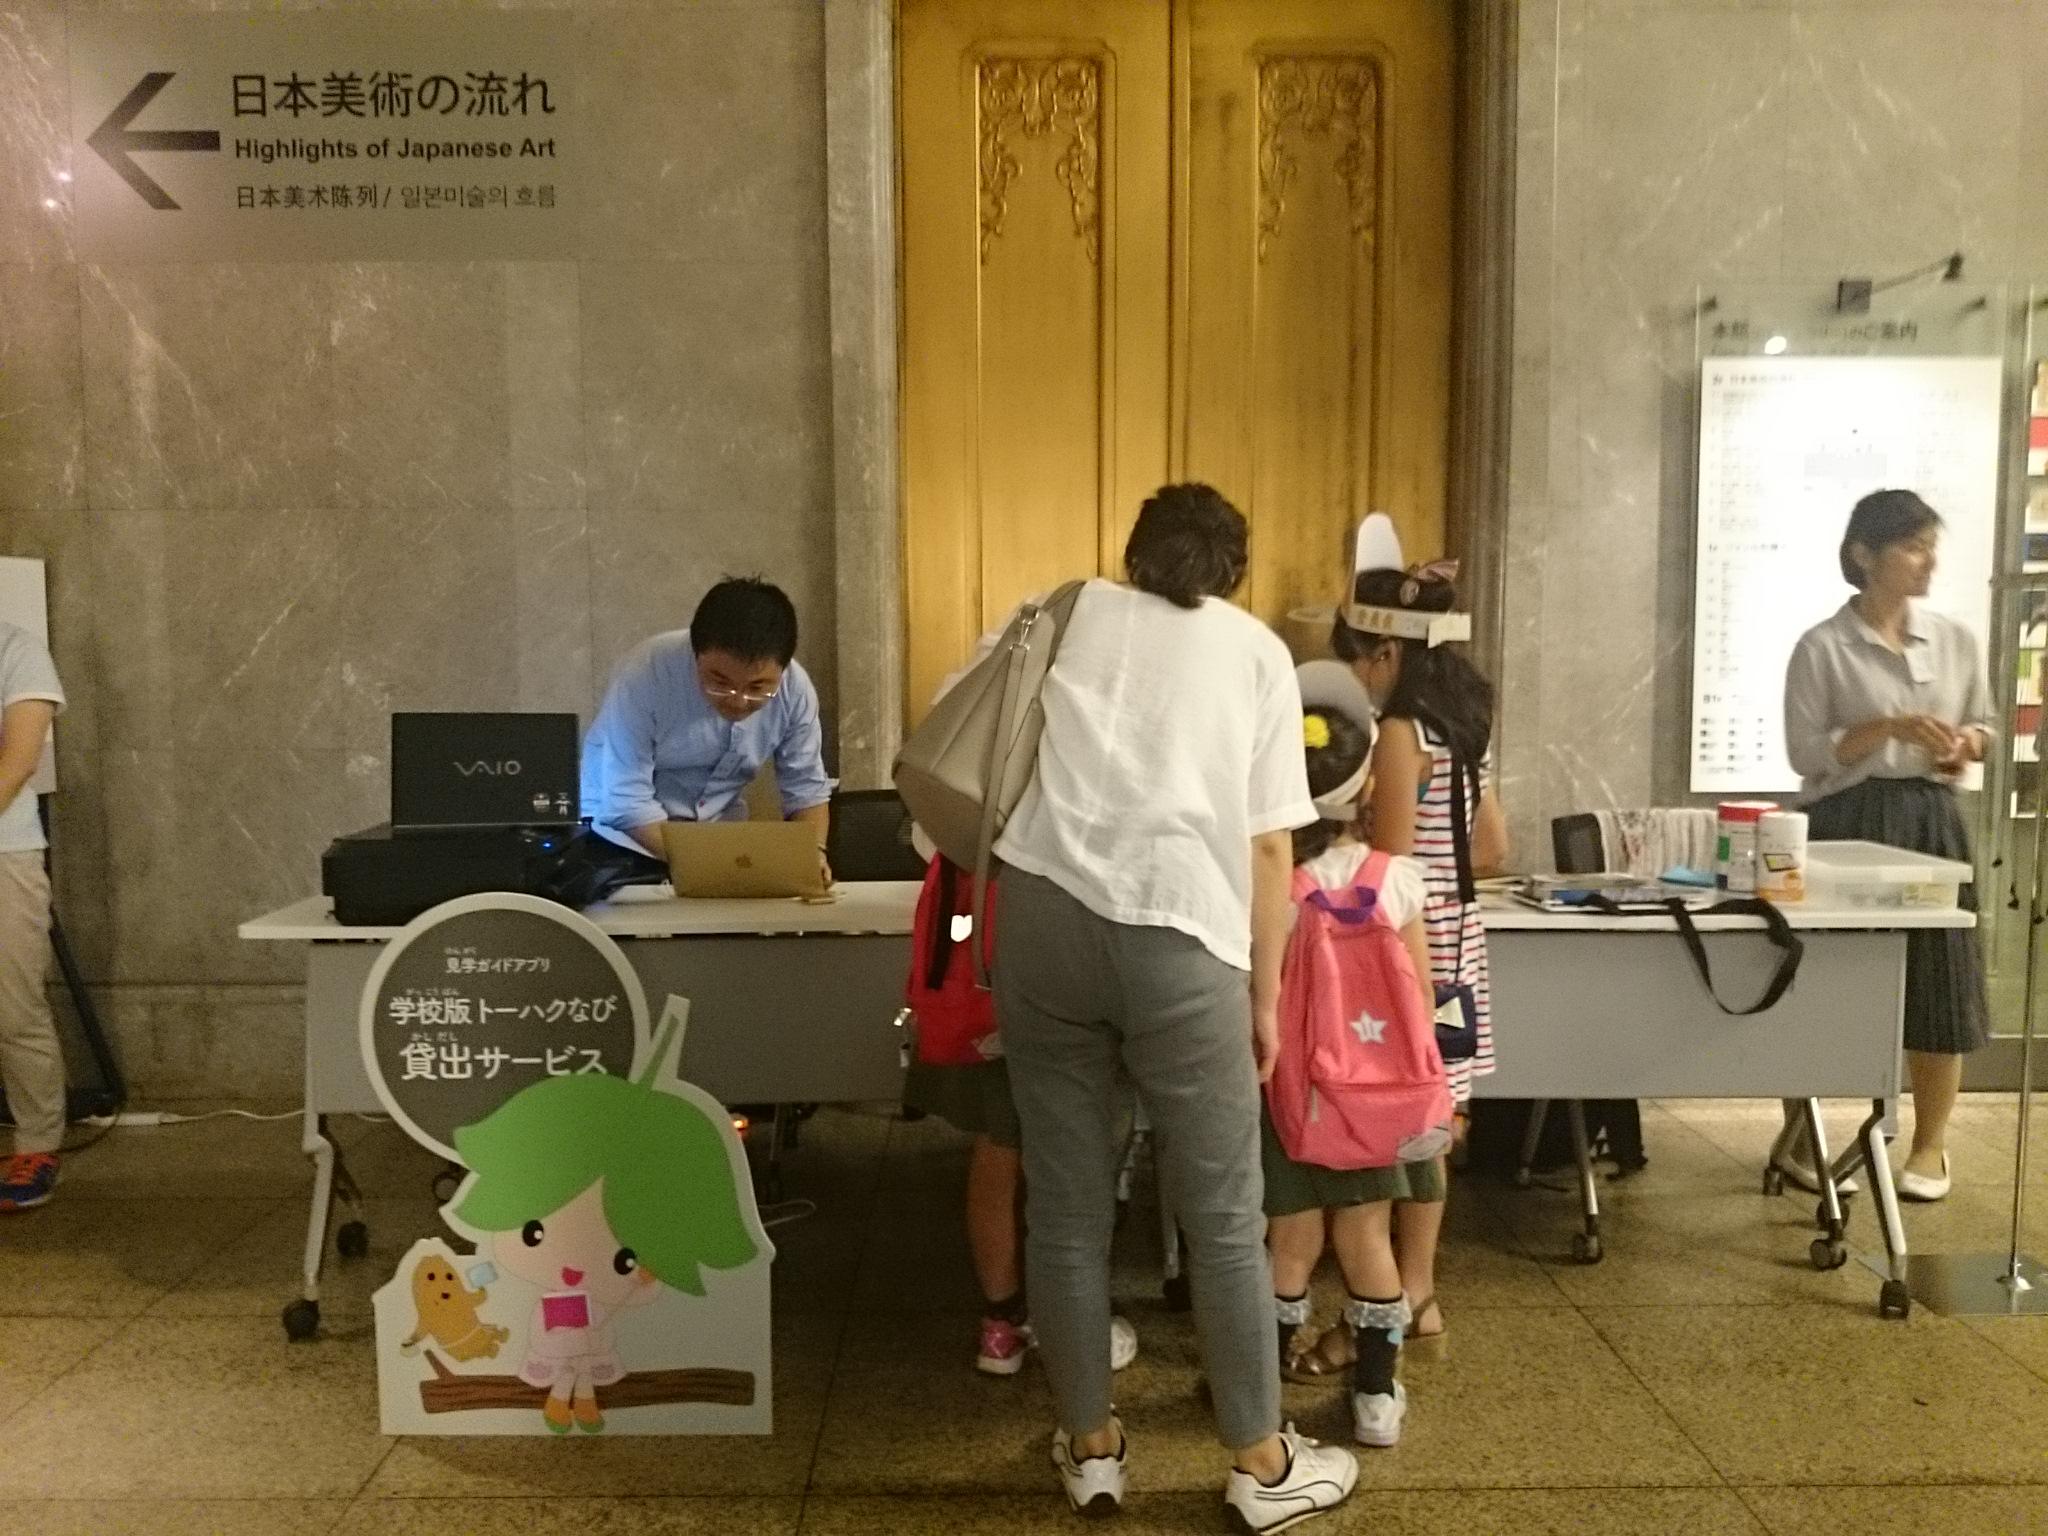 東京国立博物館『トーハクキッズデー』にいってきました!